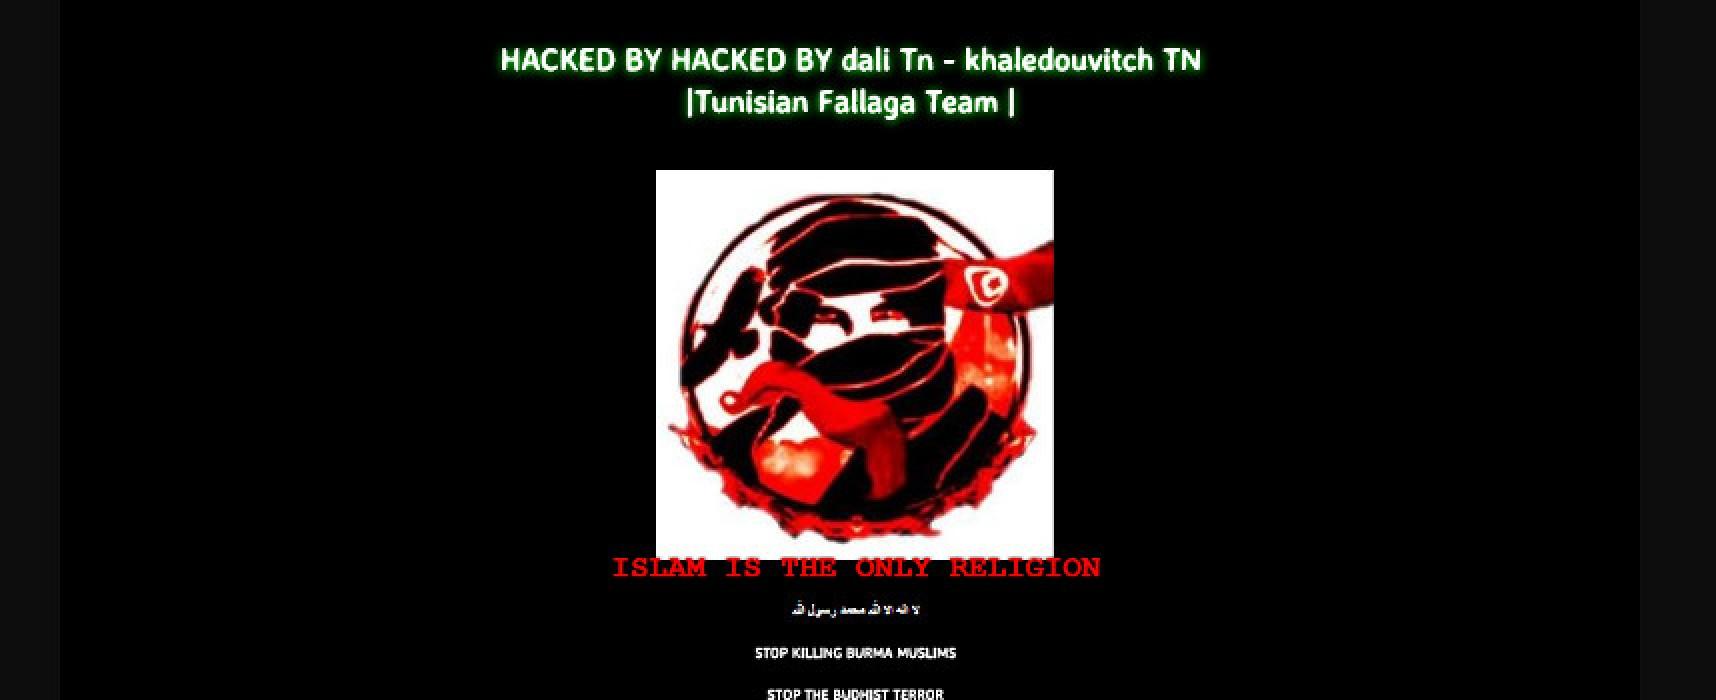 Il sito internet della scuola media Battisti-Ferraris hackerato da fondamentalisti islamici